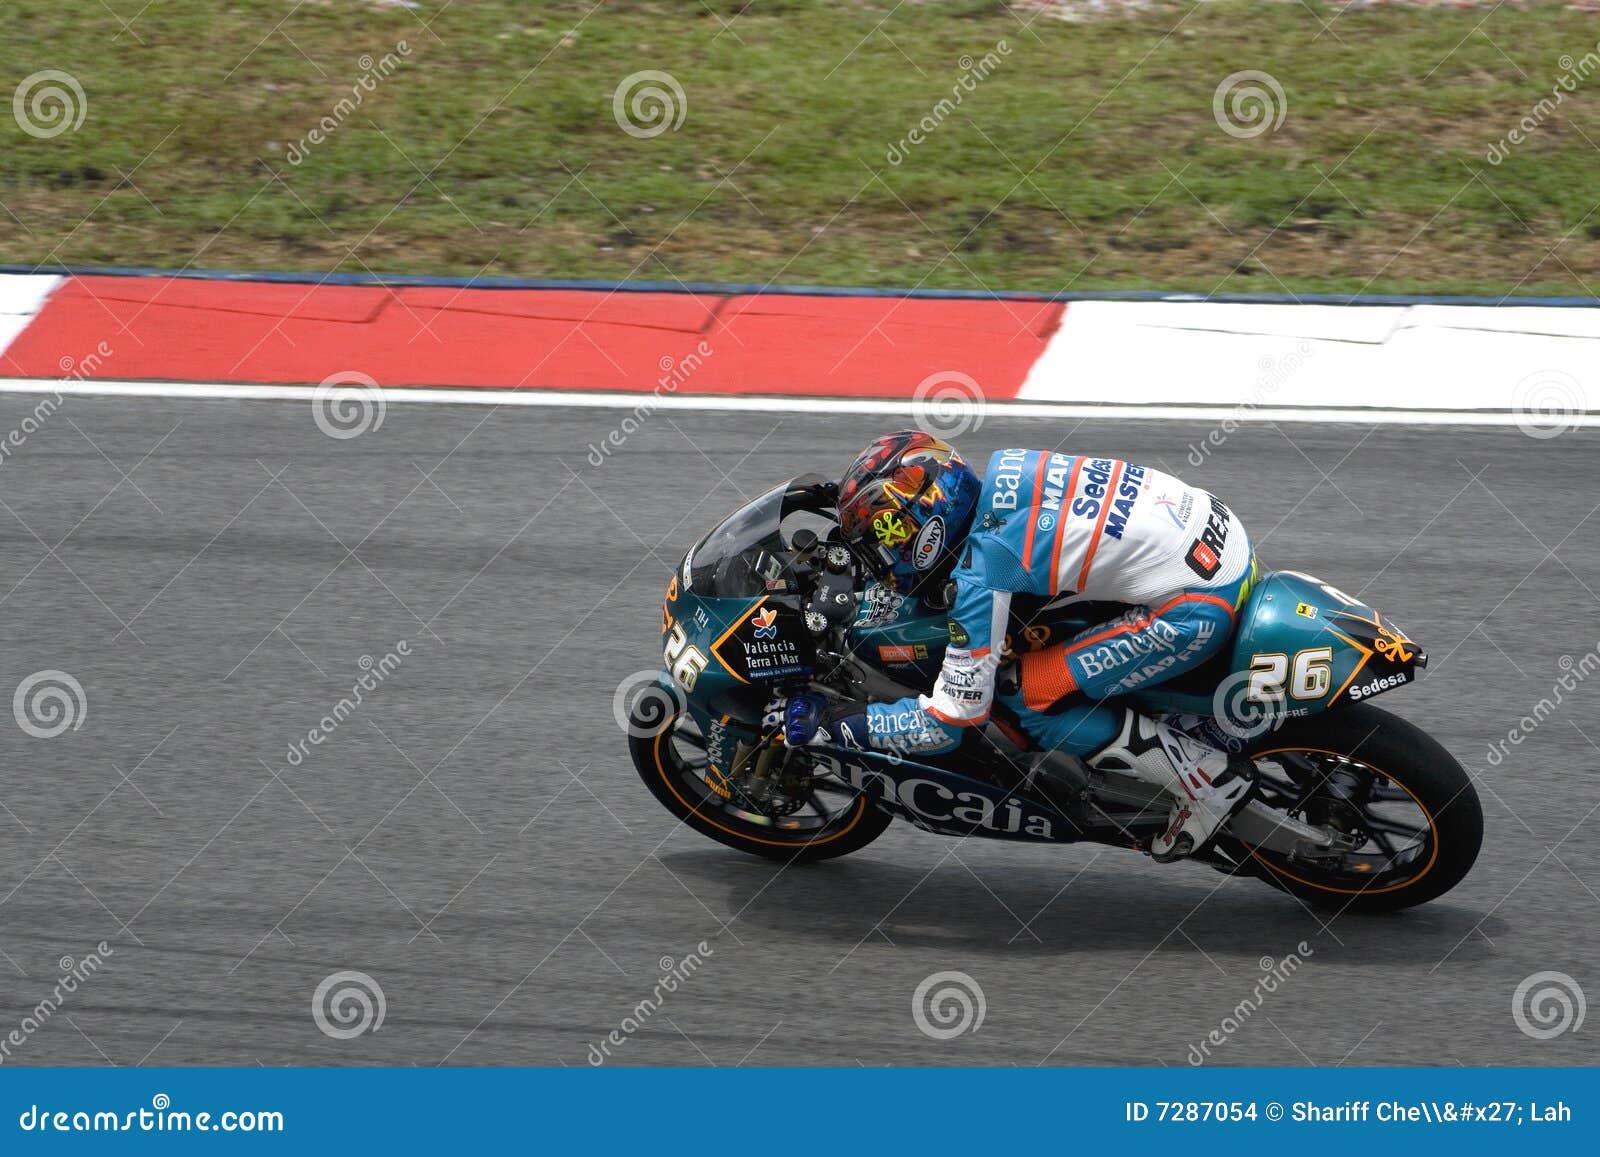 Motogp 125cc - Adrian Martin